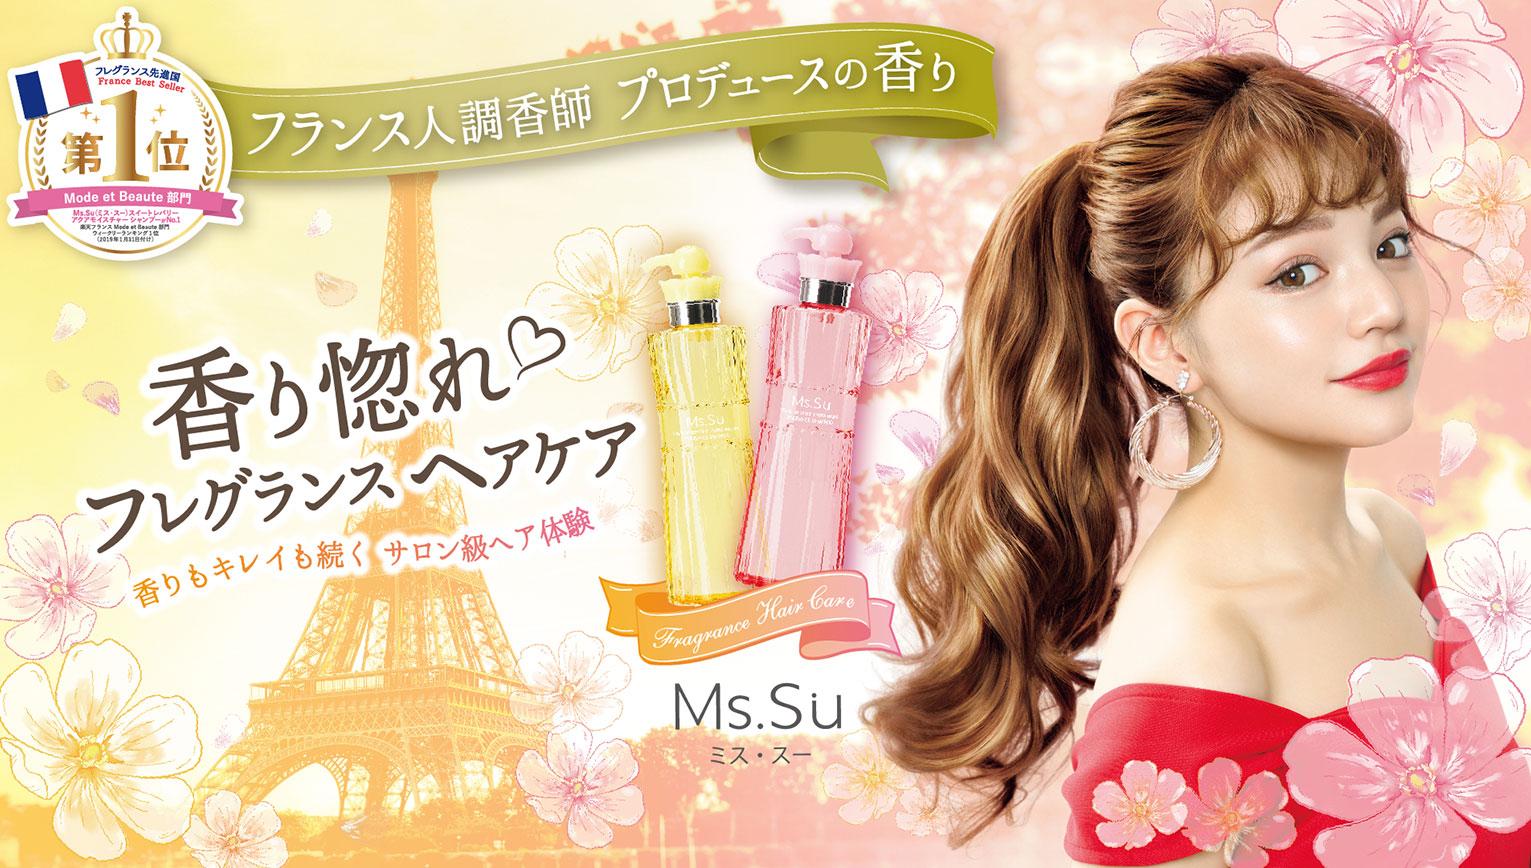 Ms.Su(ミス・スー)